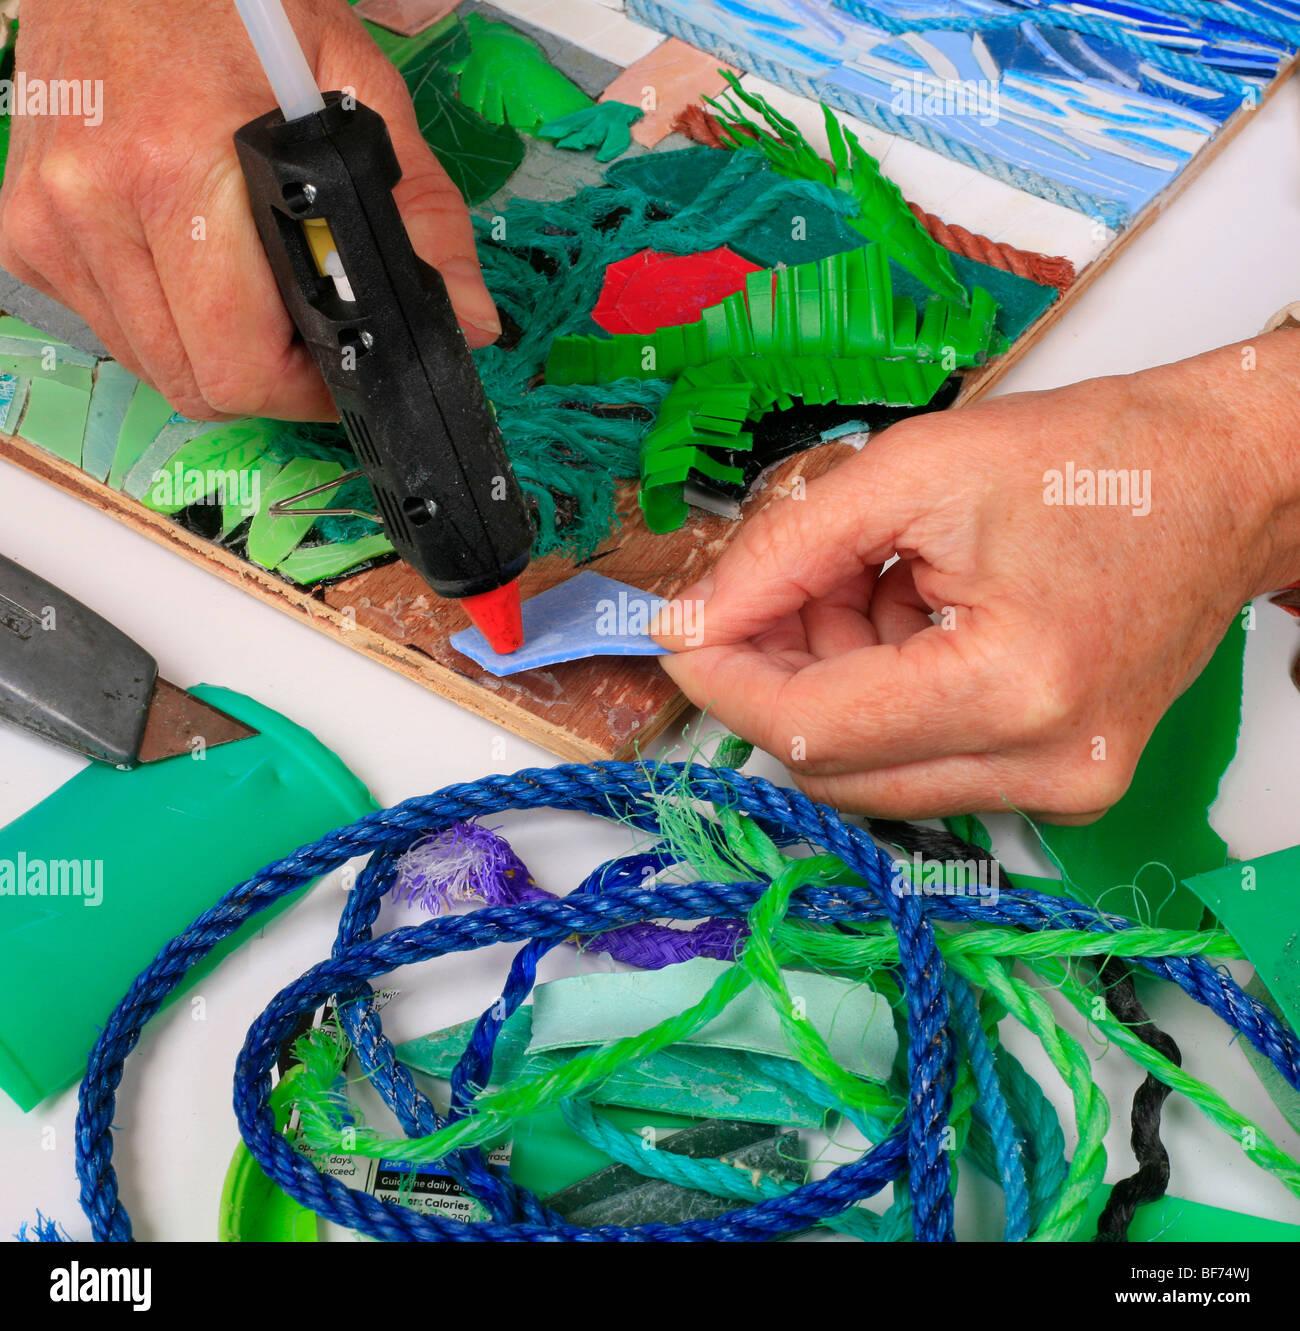 künstler arbeiten mit der klebepistole collage bild zu machen